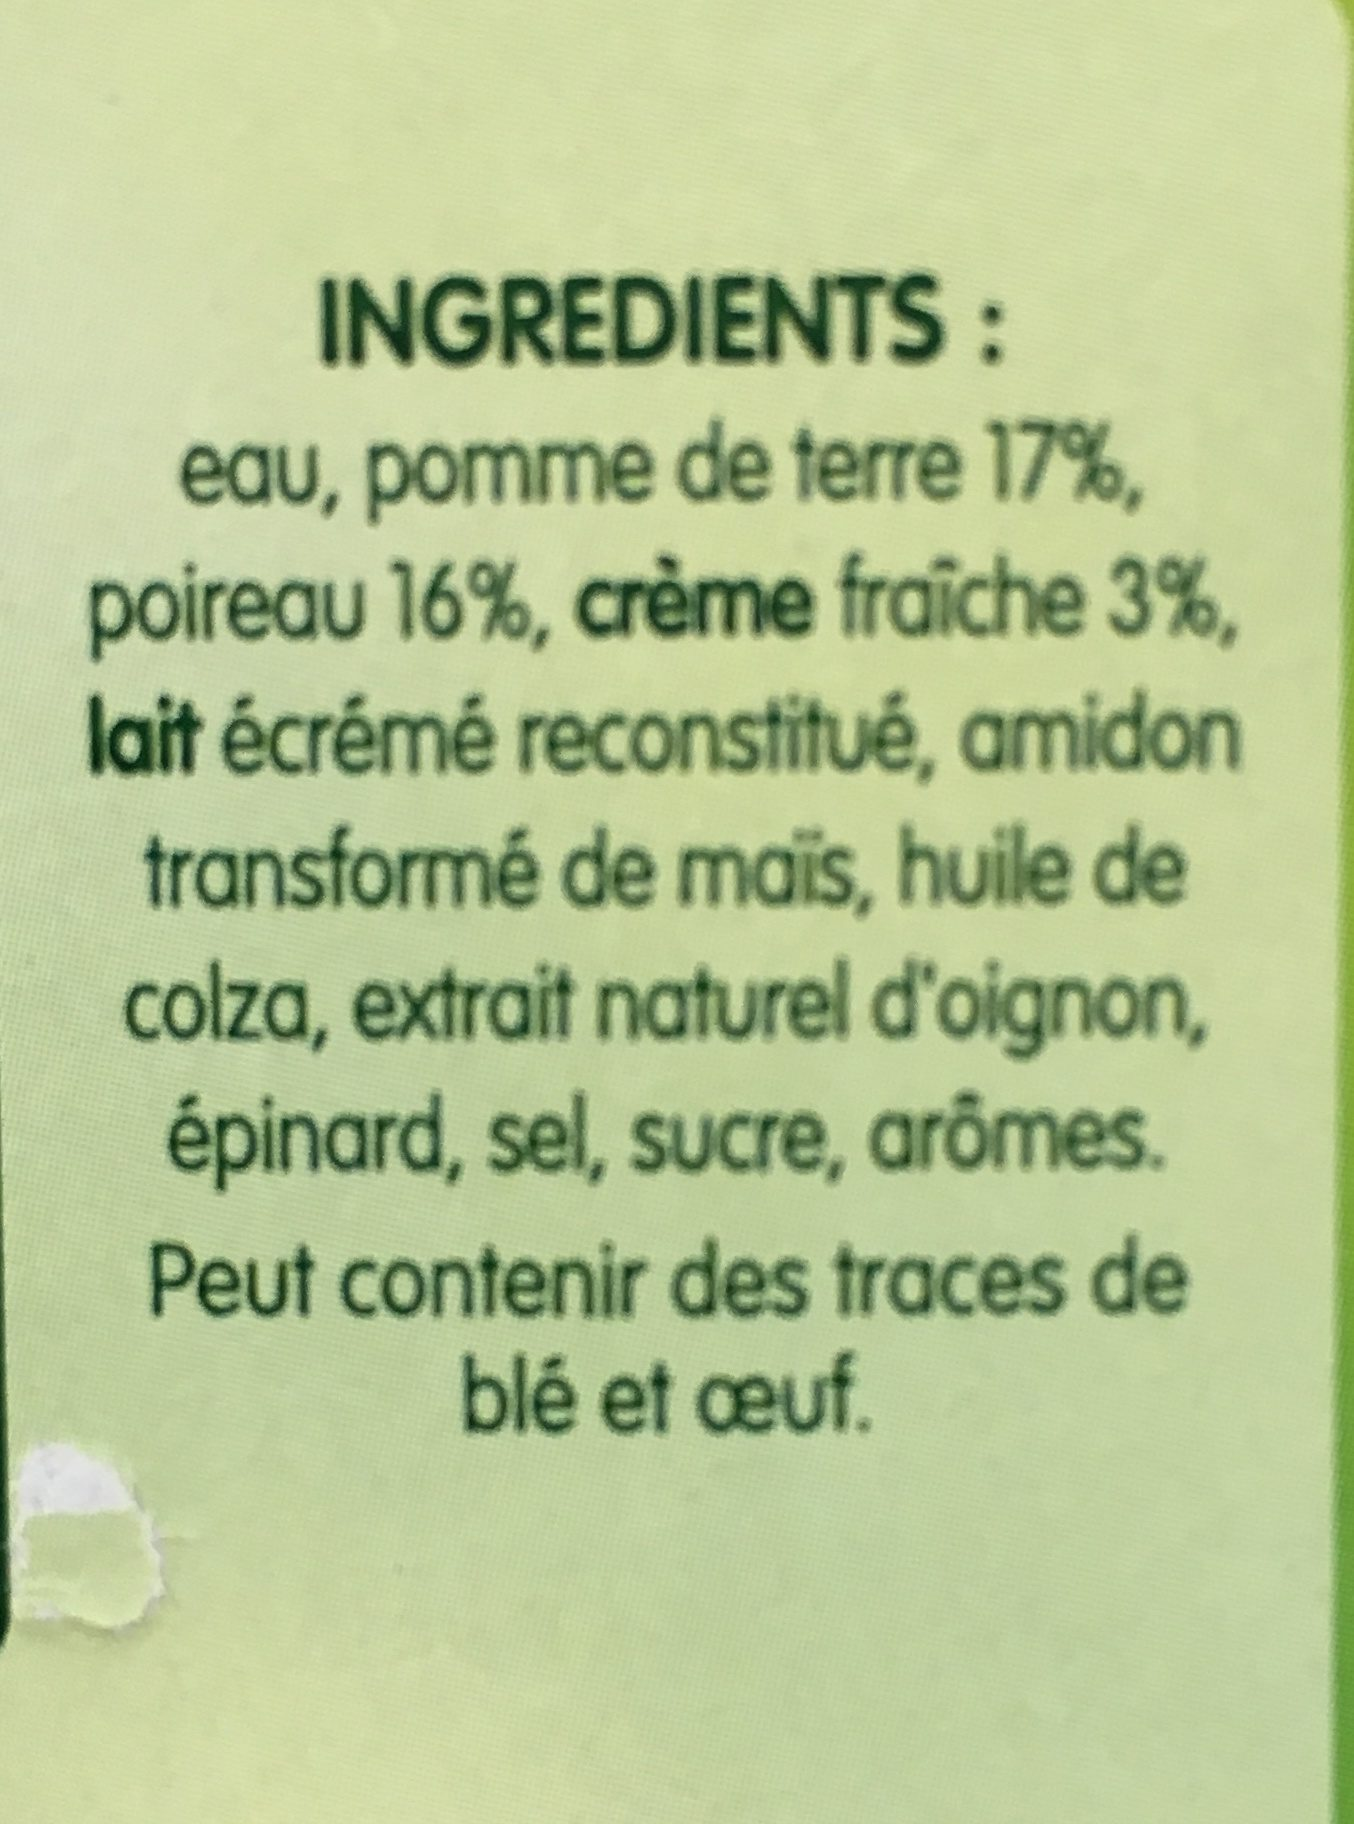 Soupe poireaux pomme de terre - Ingrédients